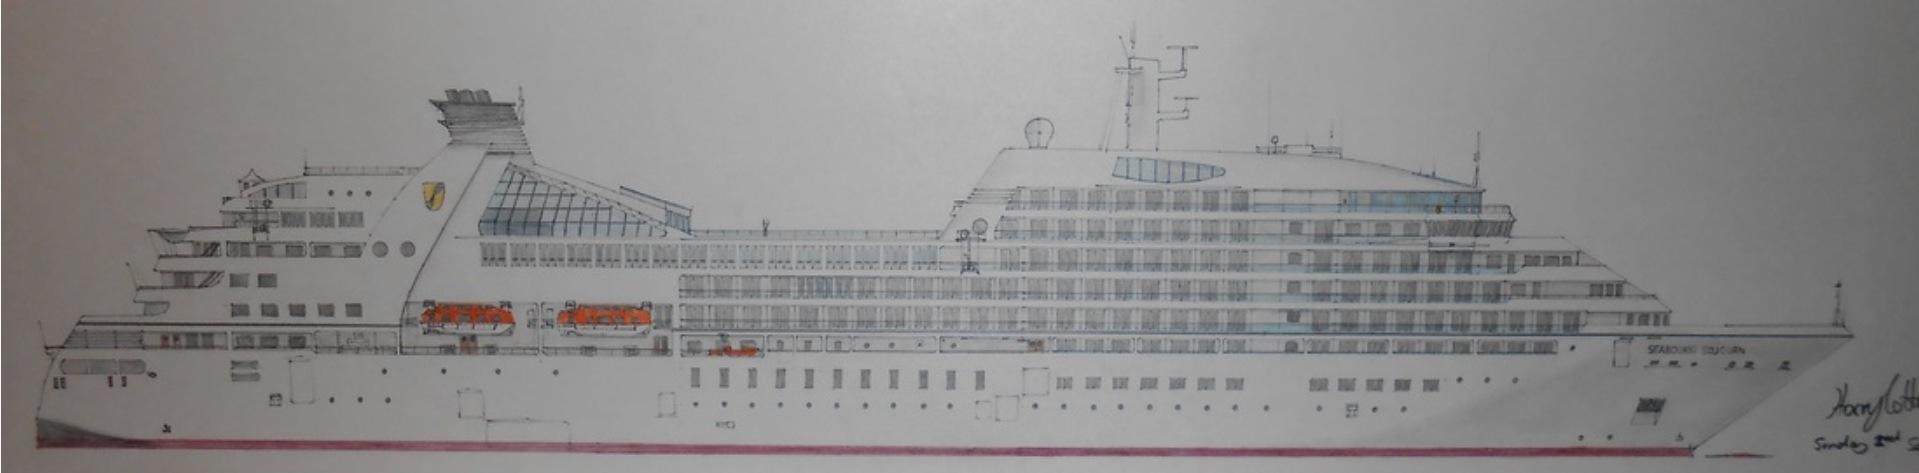 Drawn ship passenger ship Incredibly ships  detailed The